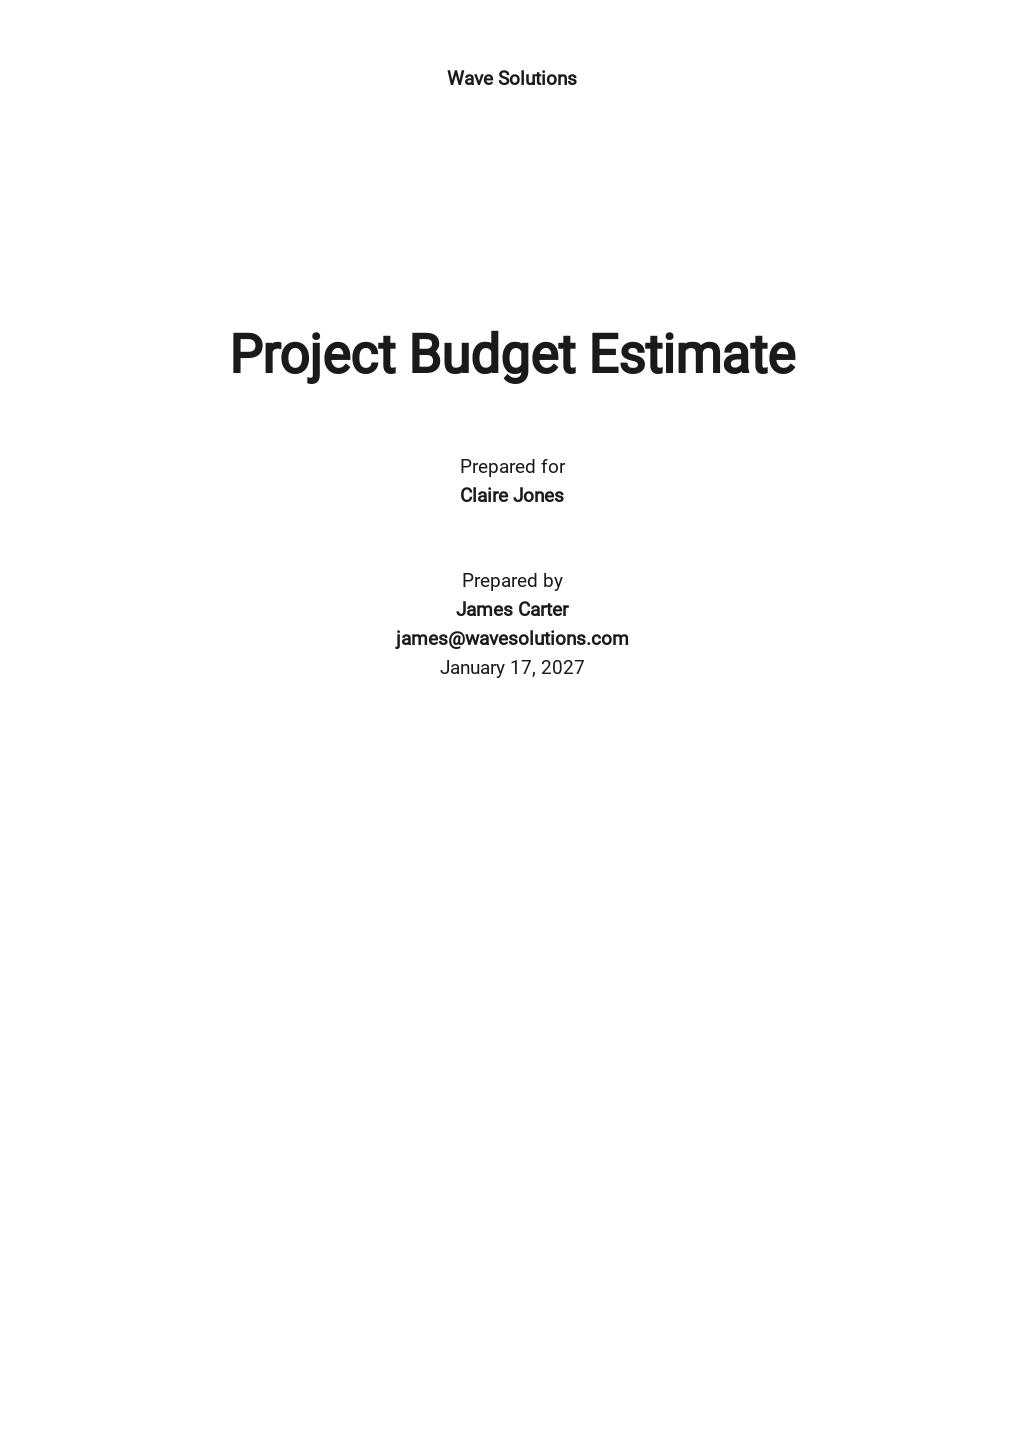 Project Budget Estimate Template.jpe